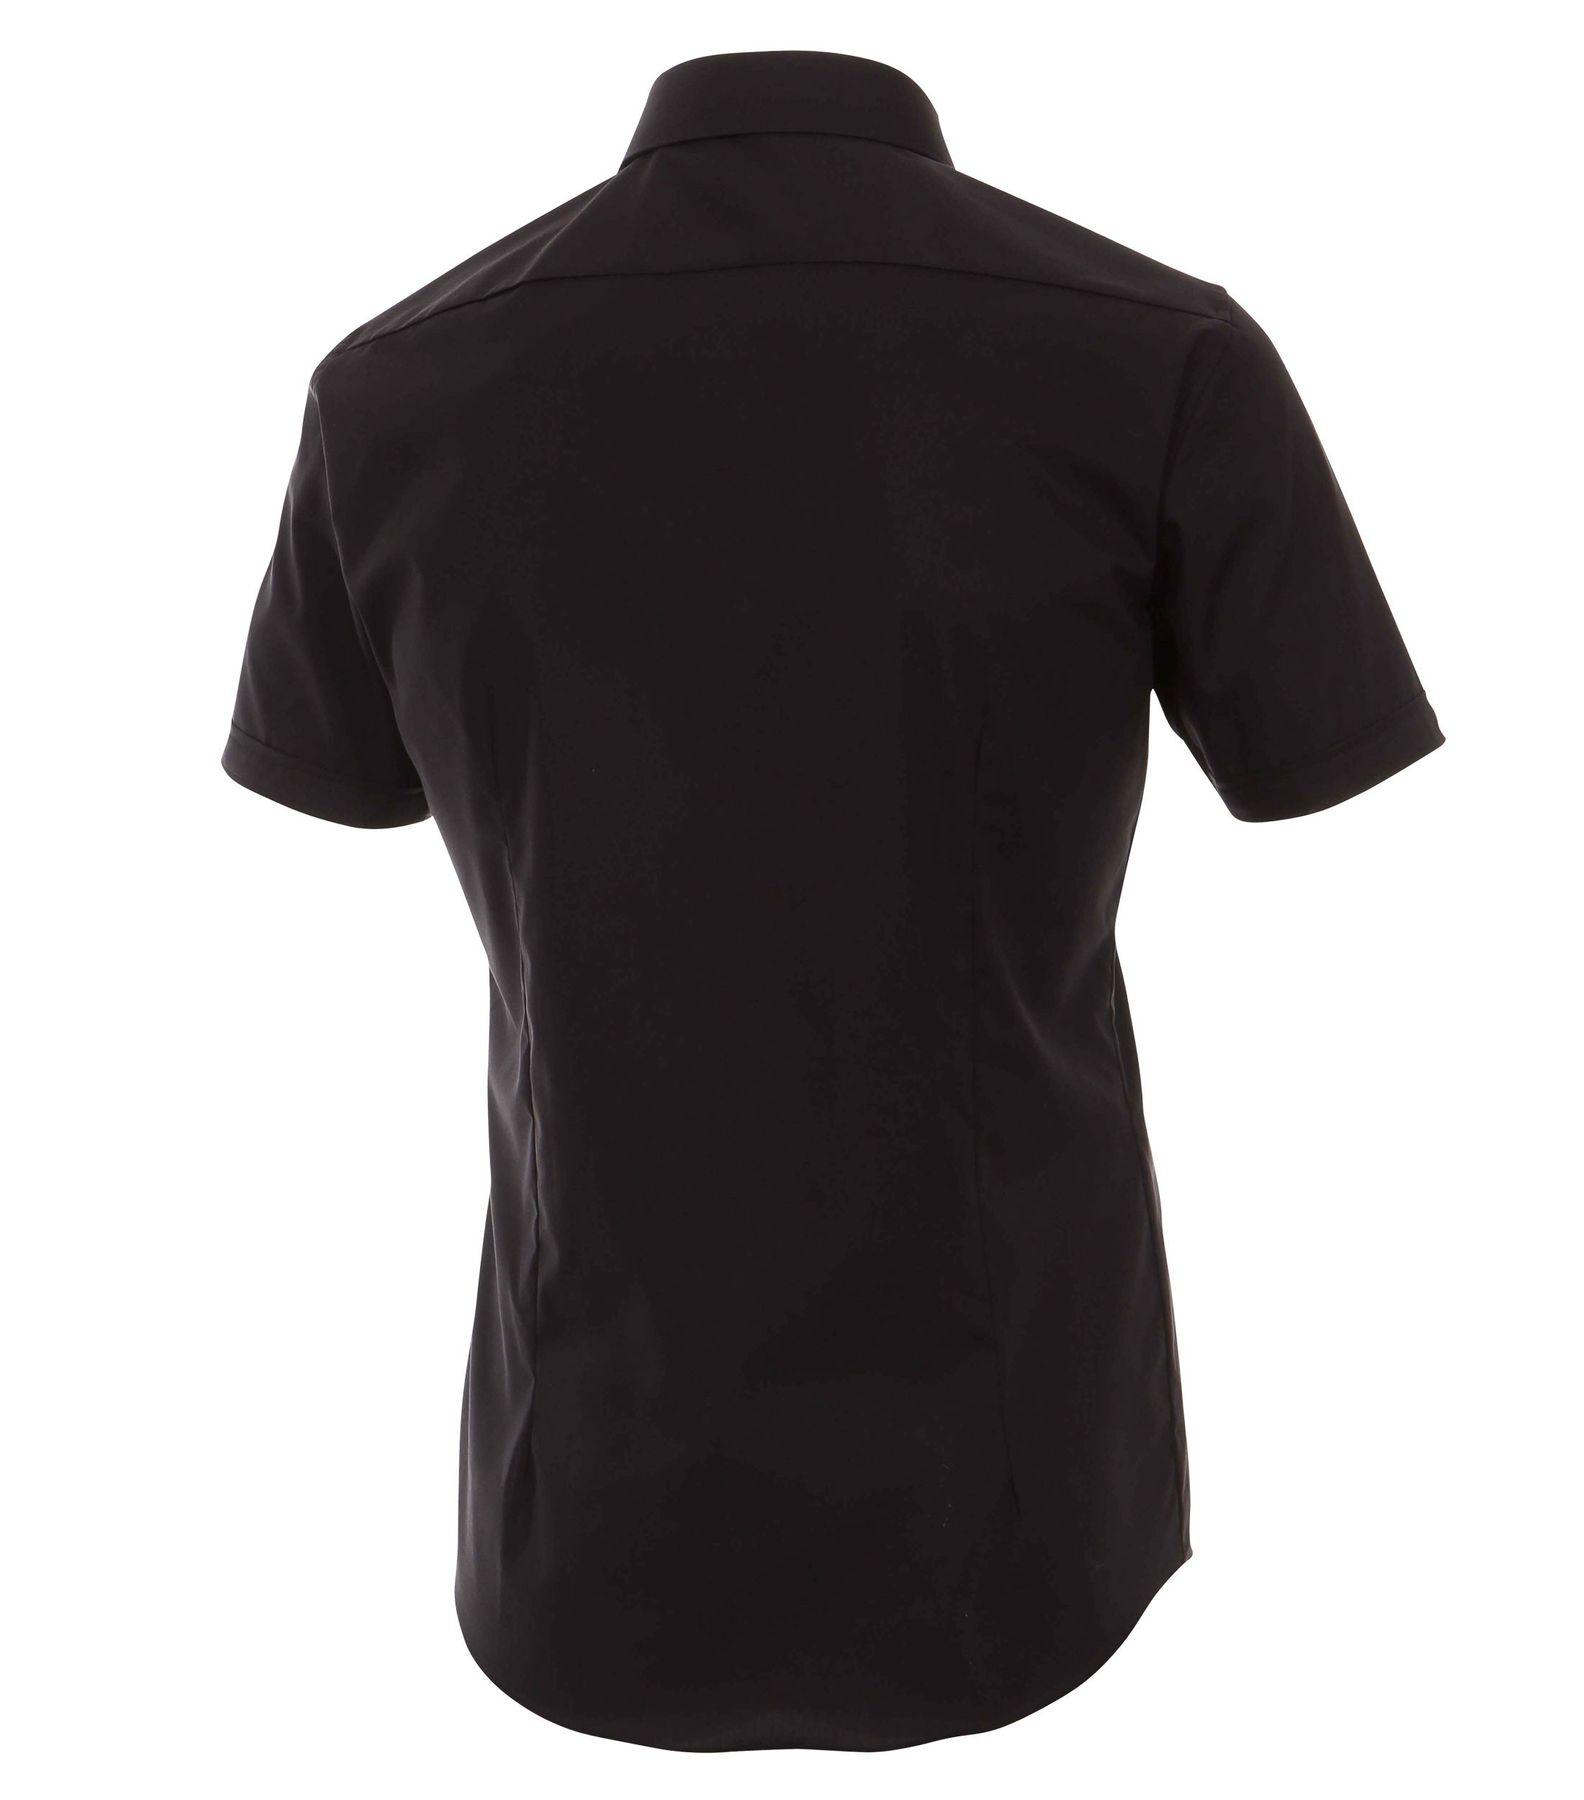 Venti - Body Stretch/ Super Slim Fit - Bügelfreies Herren Kurzarm Hemd in verschiedenen Farben (001670 A)  – Bild 25